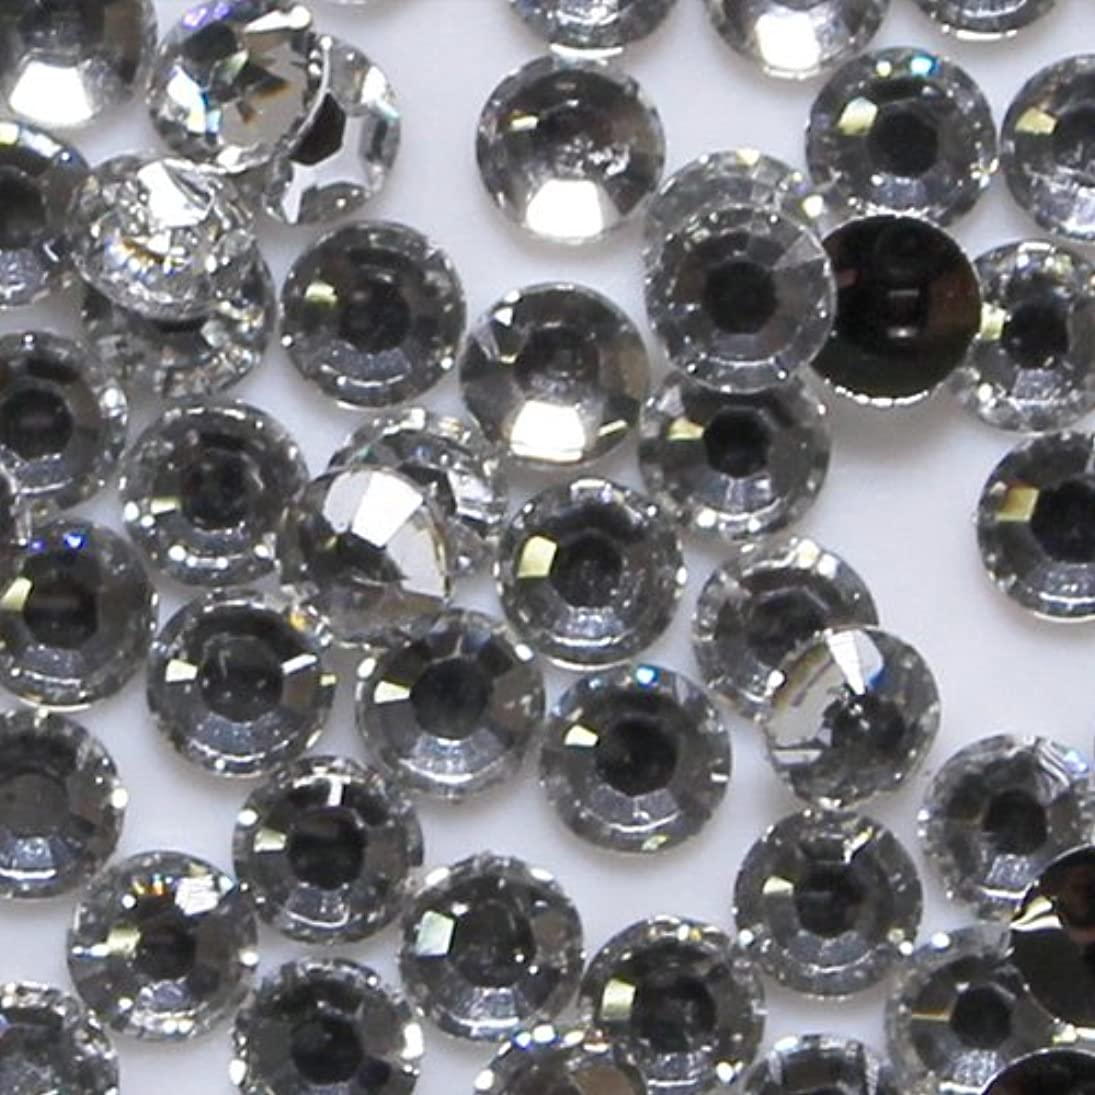 出します侵入テセウス高品質 アクリルストーン ラインストーン ラウンドフラット 約1000粒入り 4mm ダイヤモンド